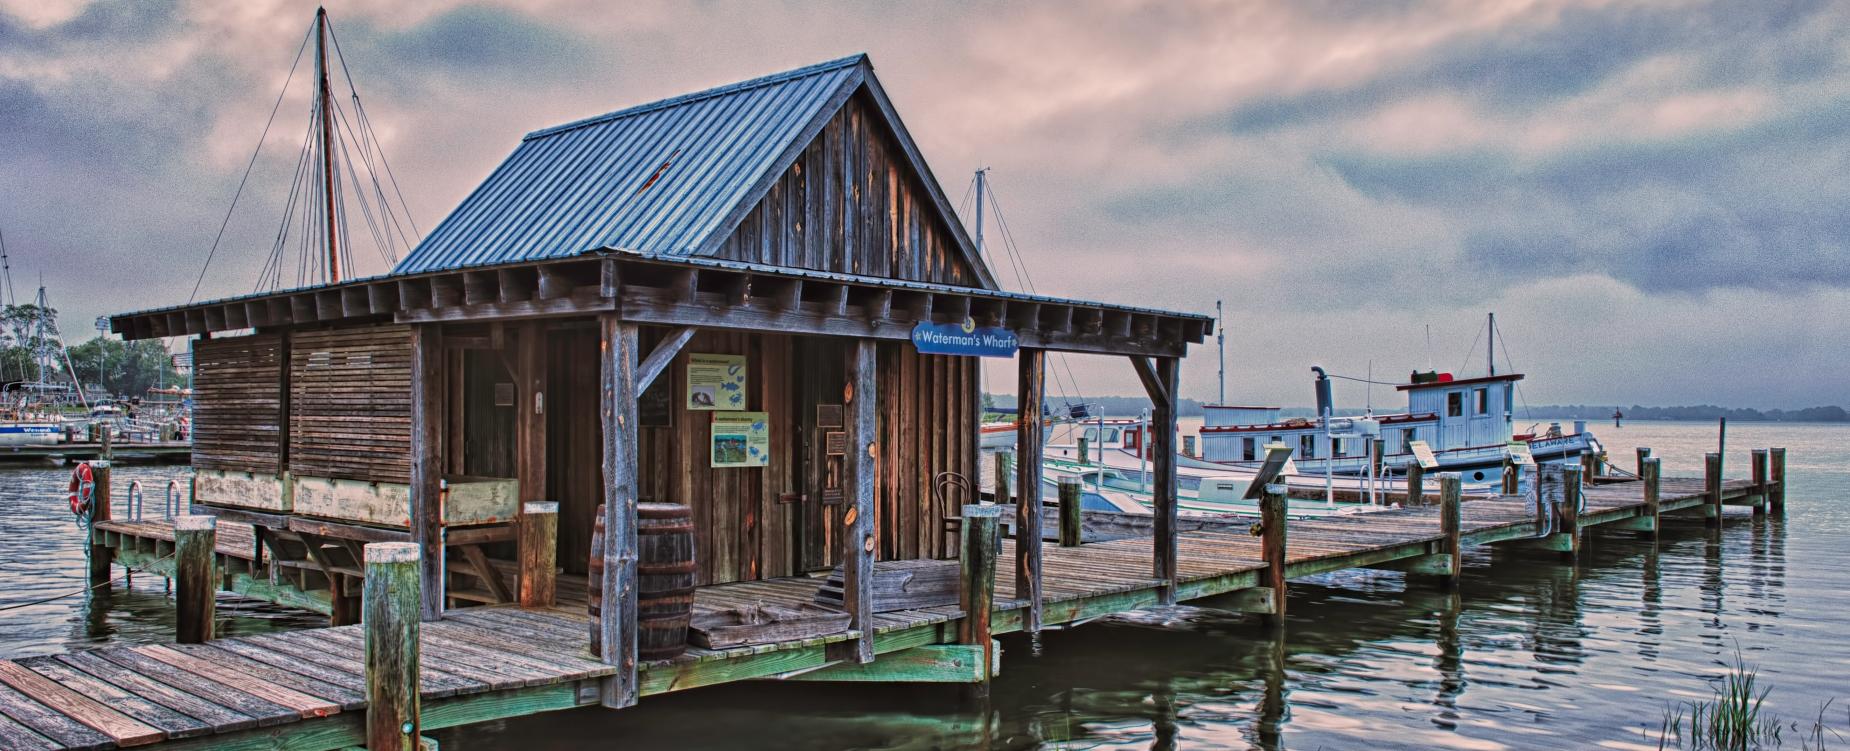 wharf_1850_by_750.jpg